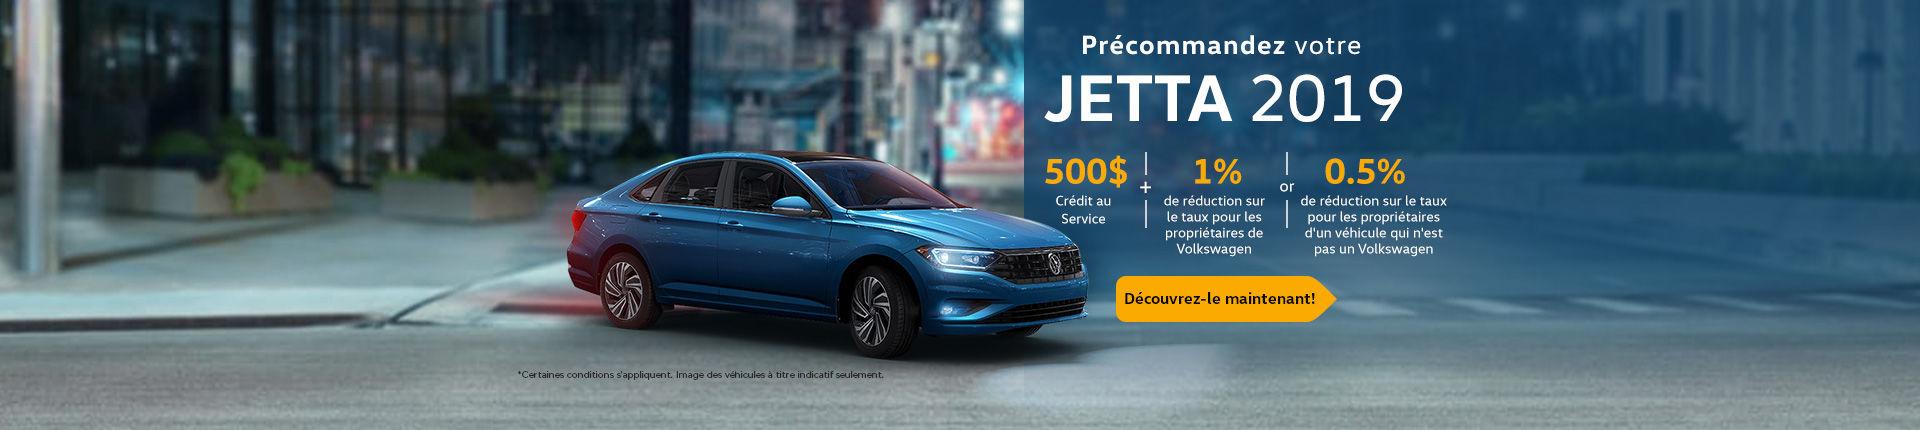 Précommandez votre Jetta 2019